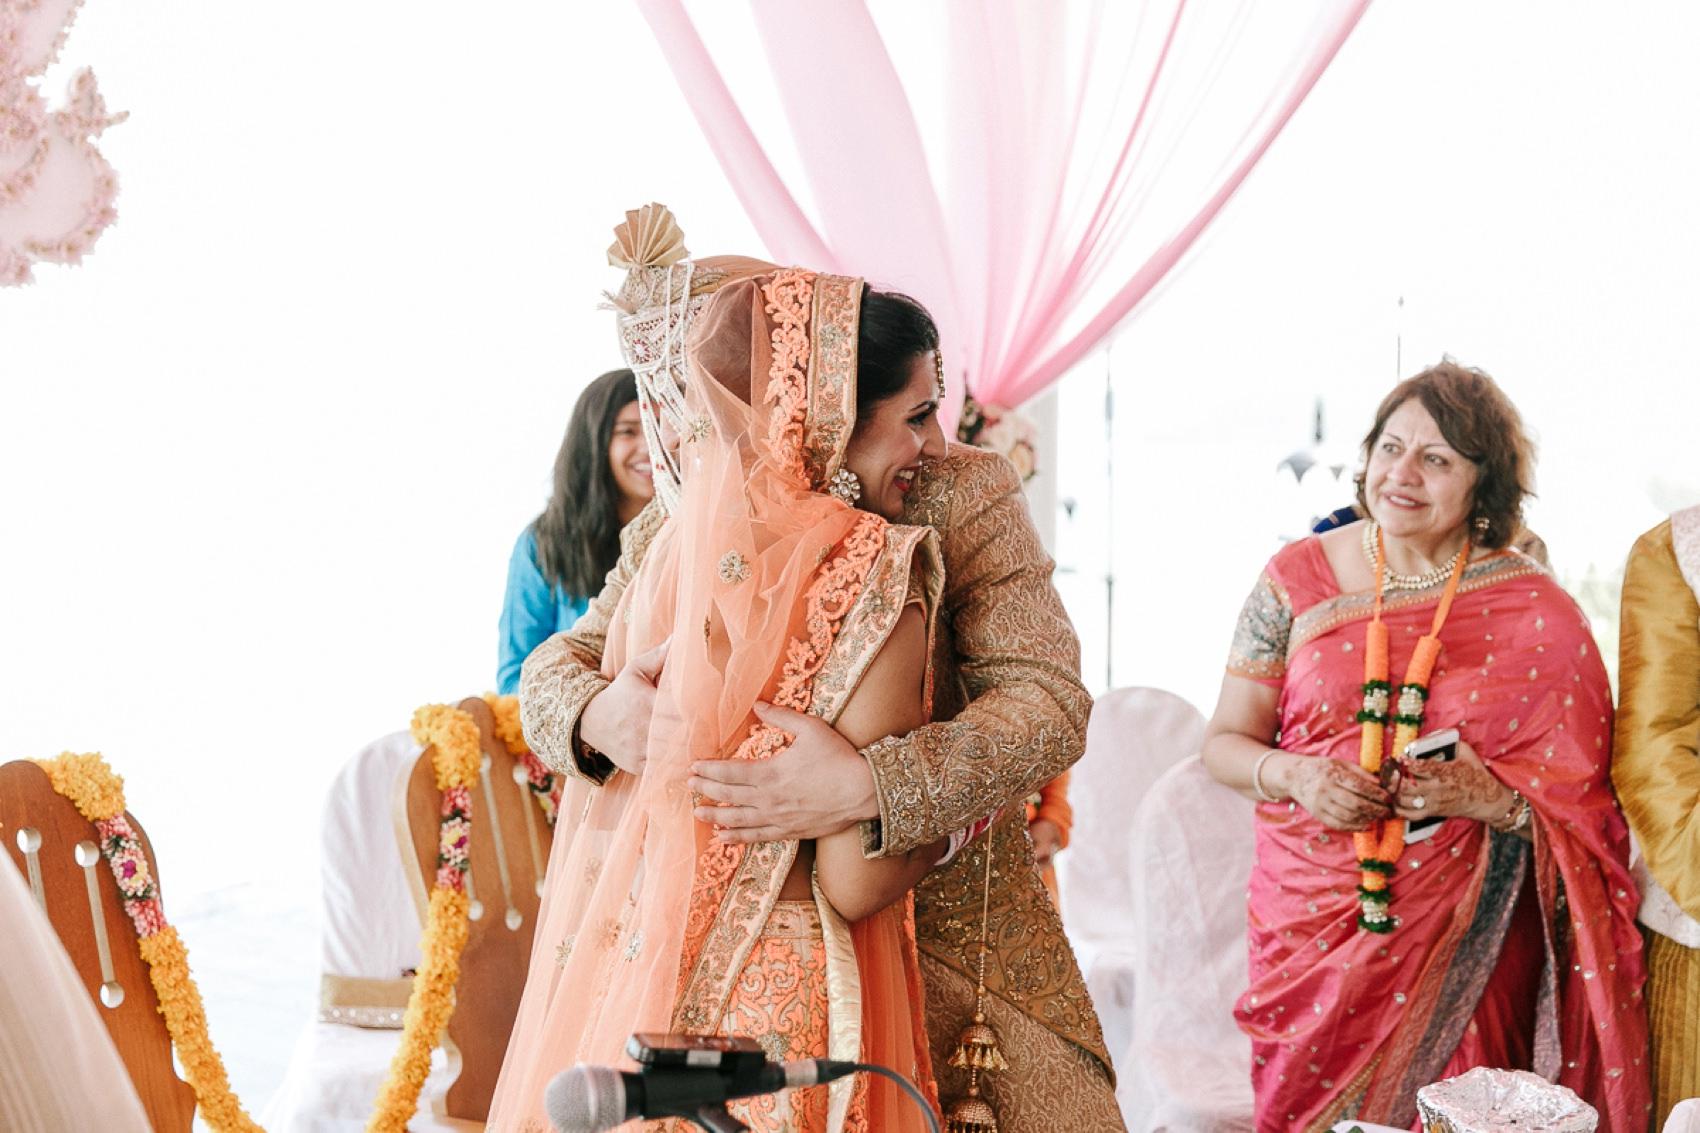 Indian-Wedding-Photography-Maala-Rohan_0212